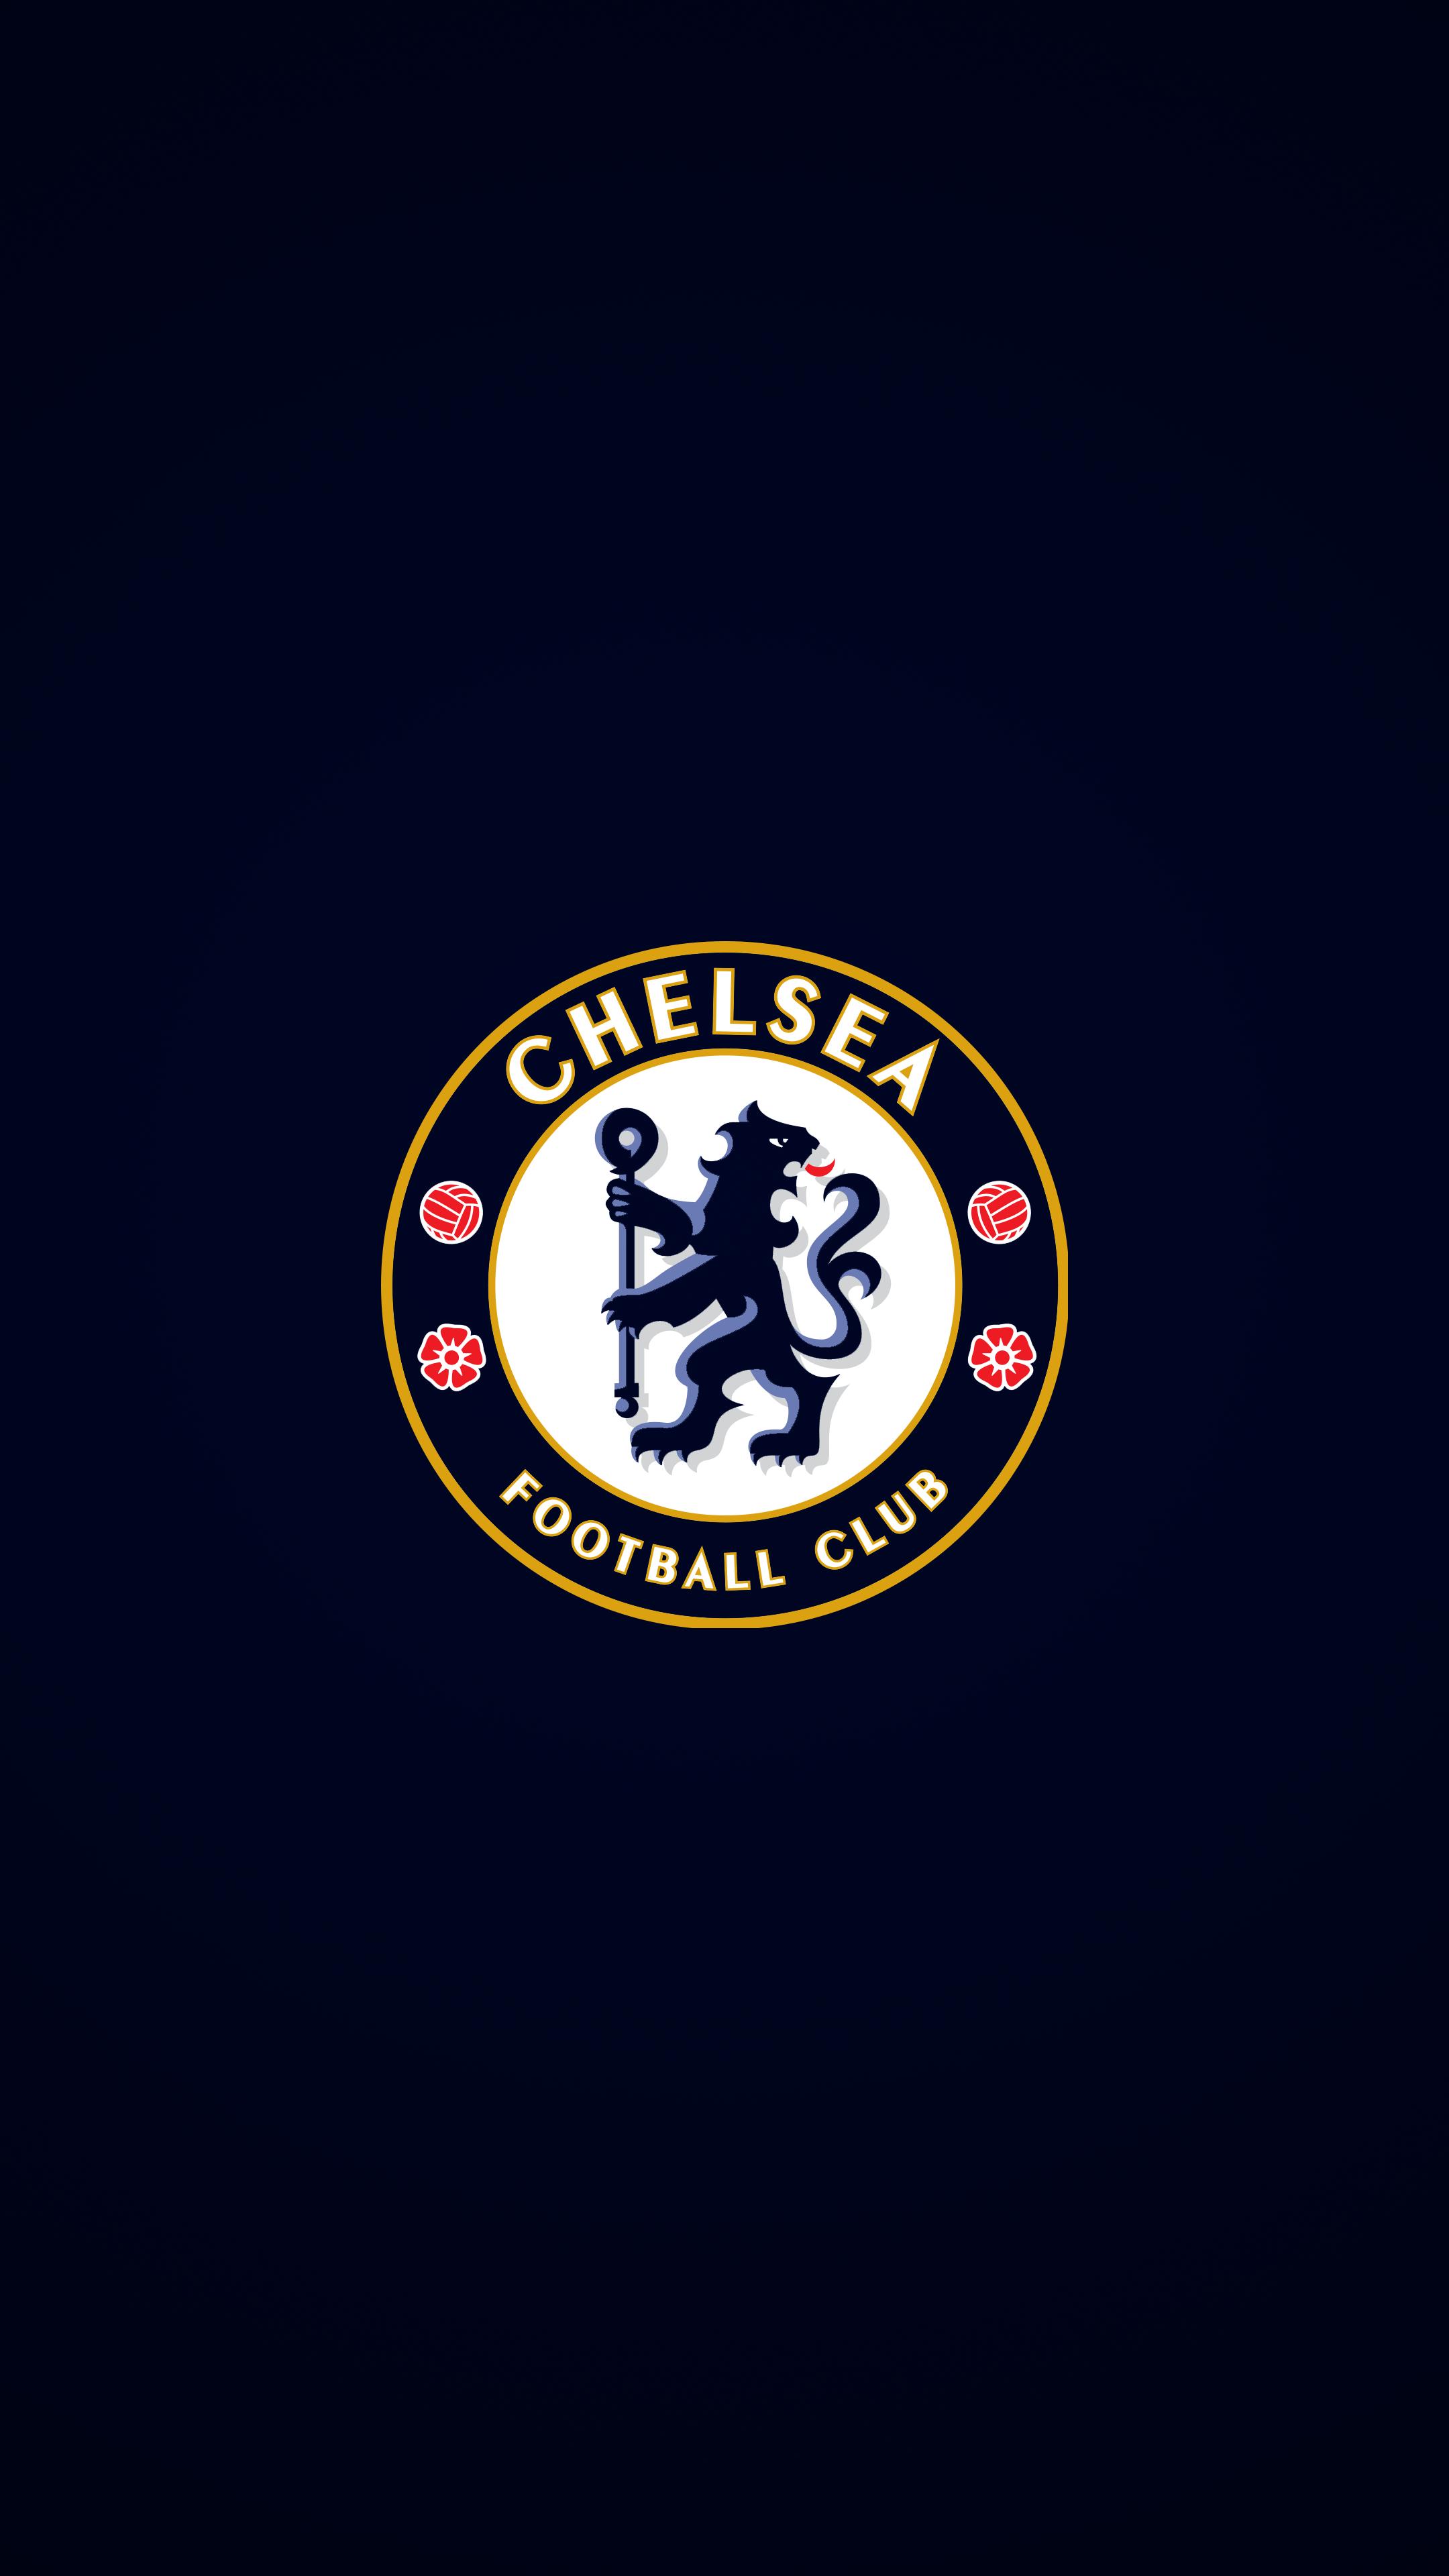 Chelsea 4k Wallpaper Sepak Bola Olahraga Desain Logo